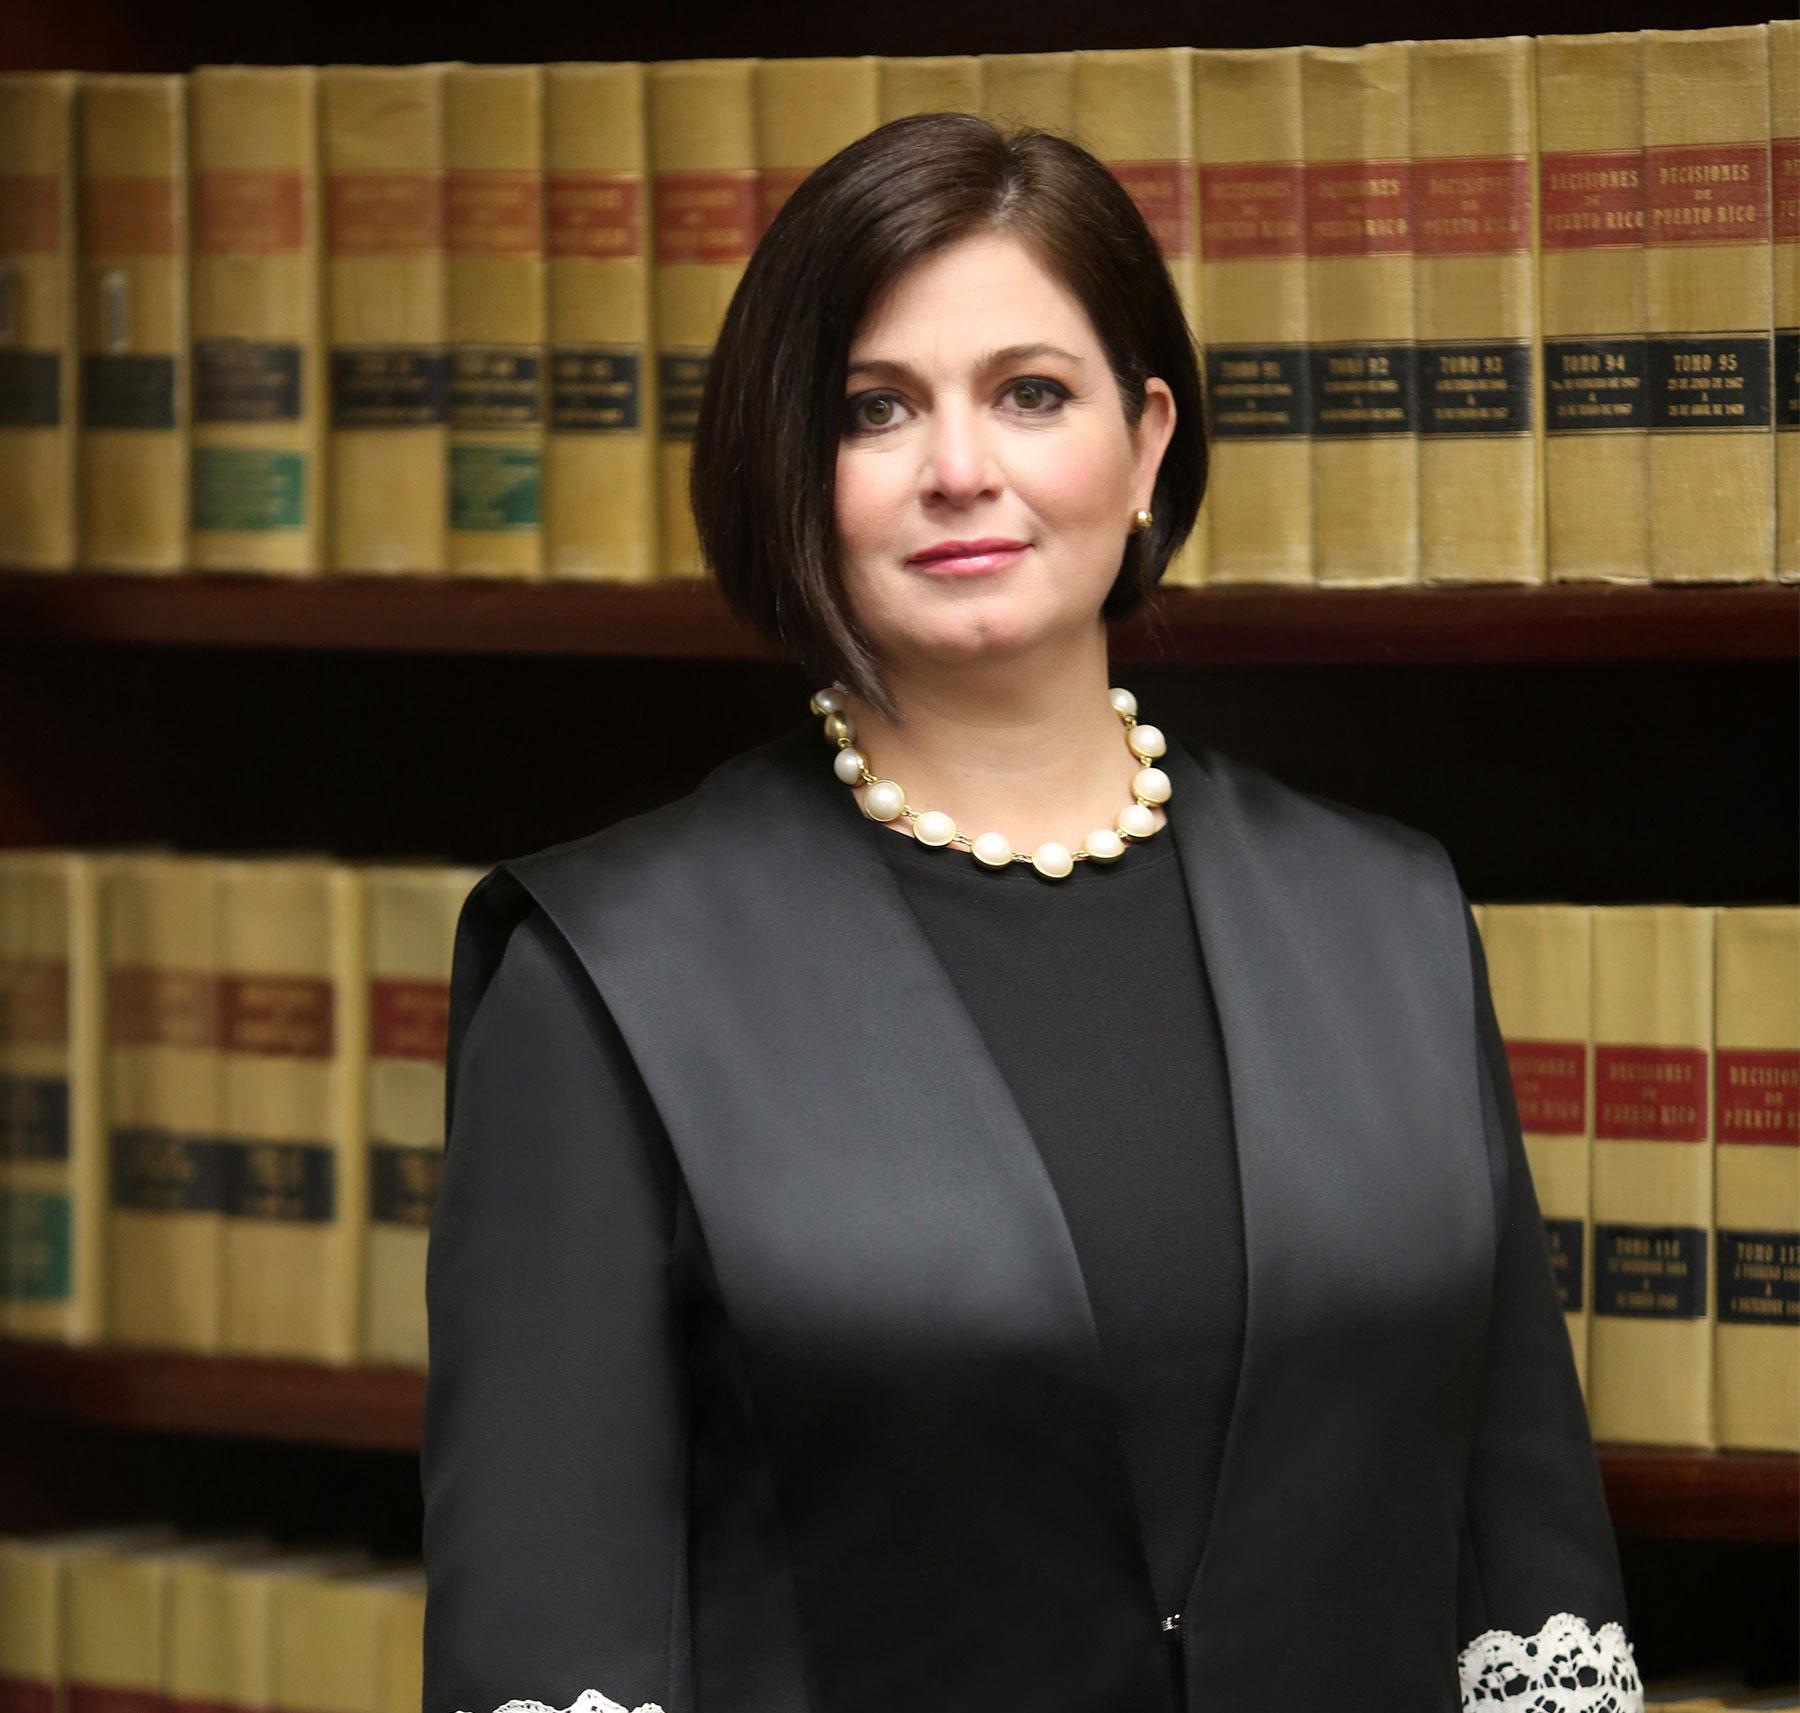 Hon. Maite D. Oronoz Rodríguez